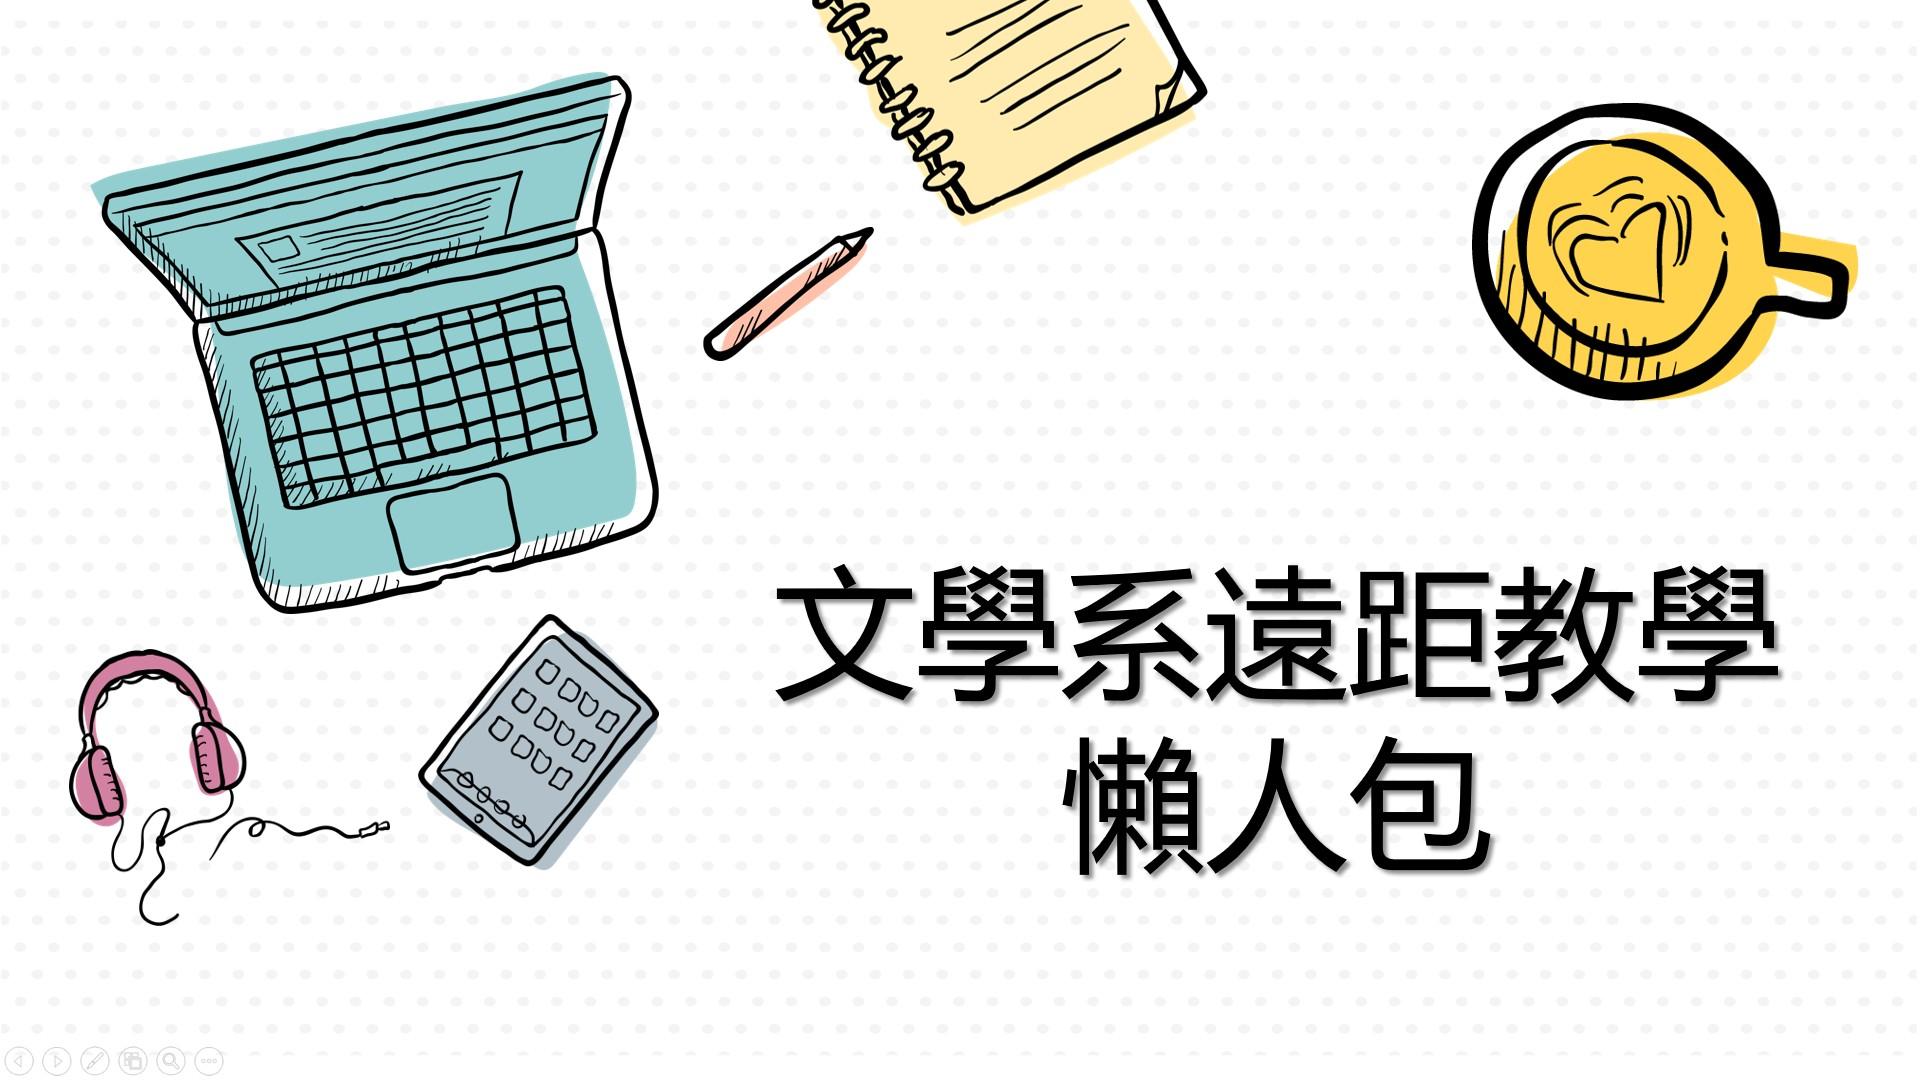 【系所公告】文學系課程線上教學懶人包(1100924更新)